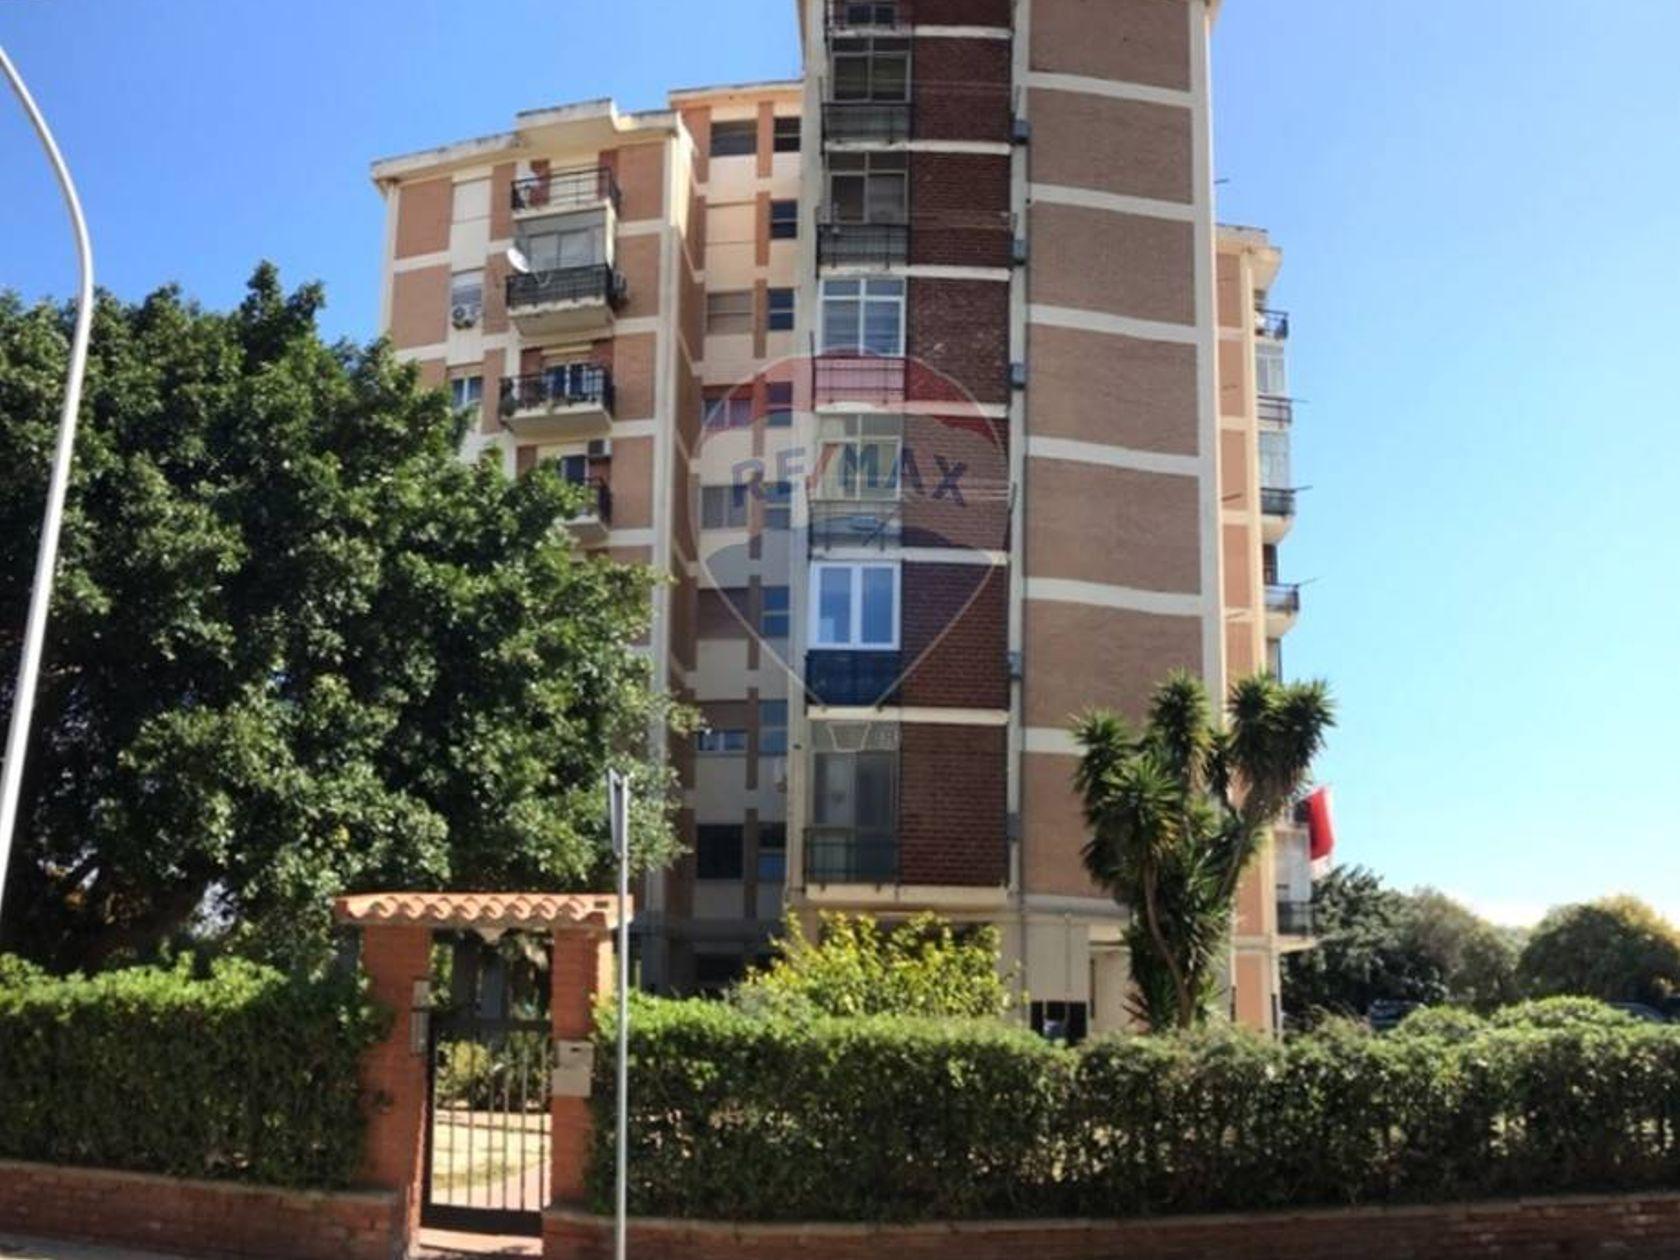 Appartamento Quartiere del Sole, Cagliari, CA Vendita - Foto 2